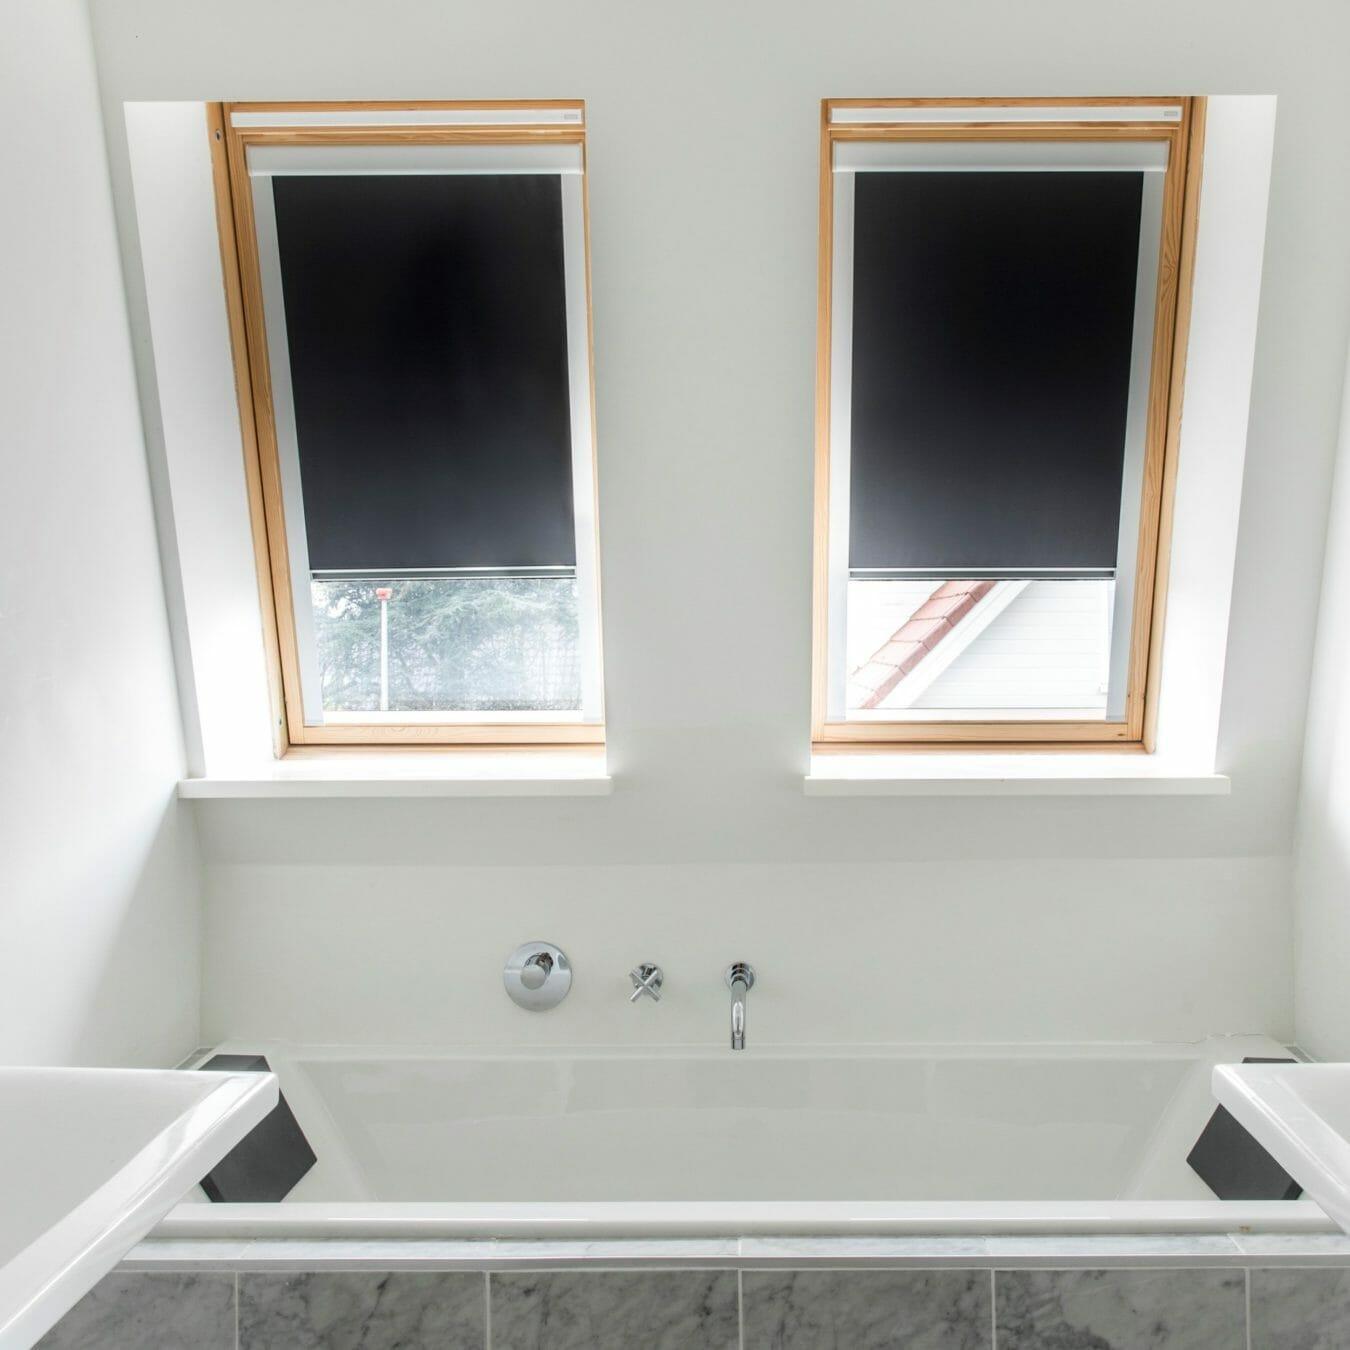 Rolgordijn voor het dakraam in de badkamer